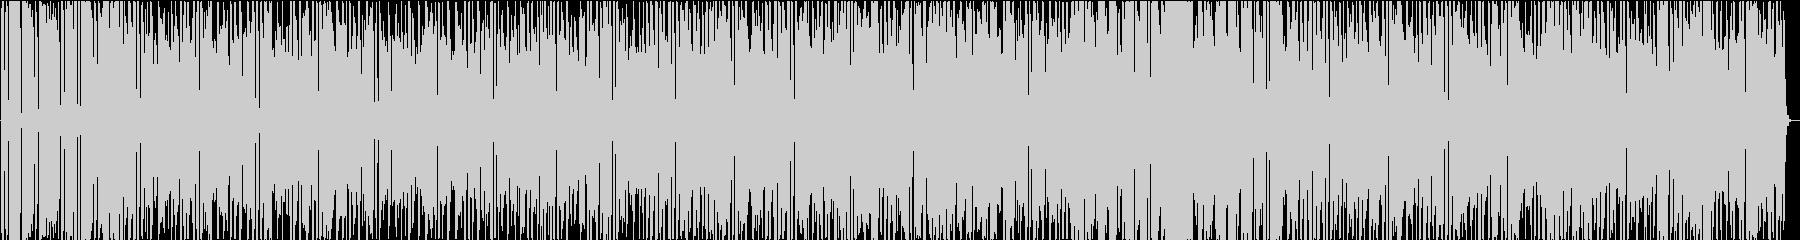 ほのぼの・日常・おしゃれBGM シンセの未再生の波形